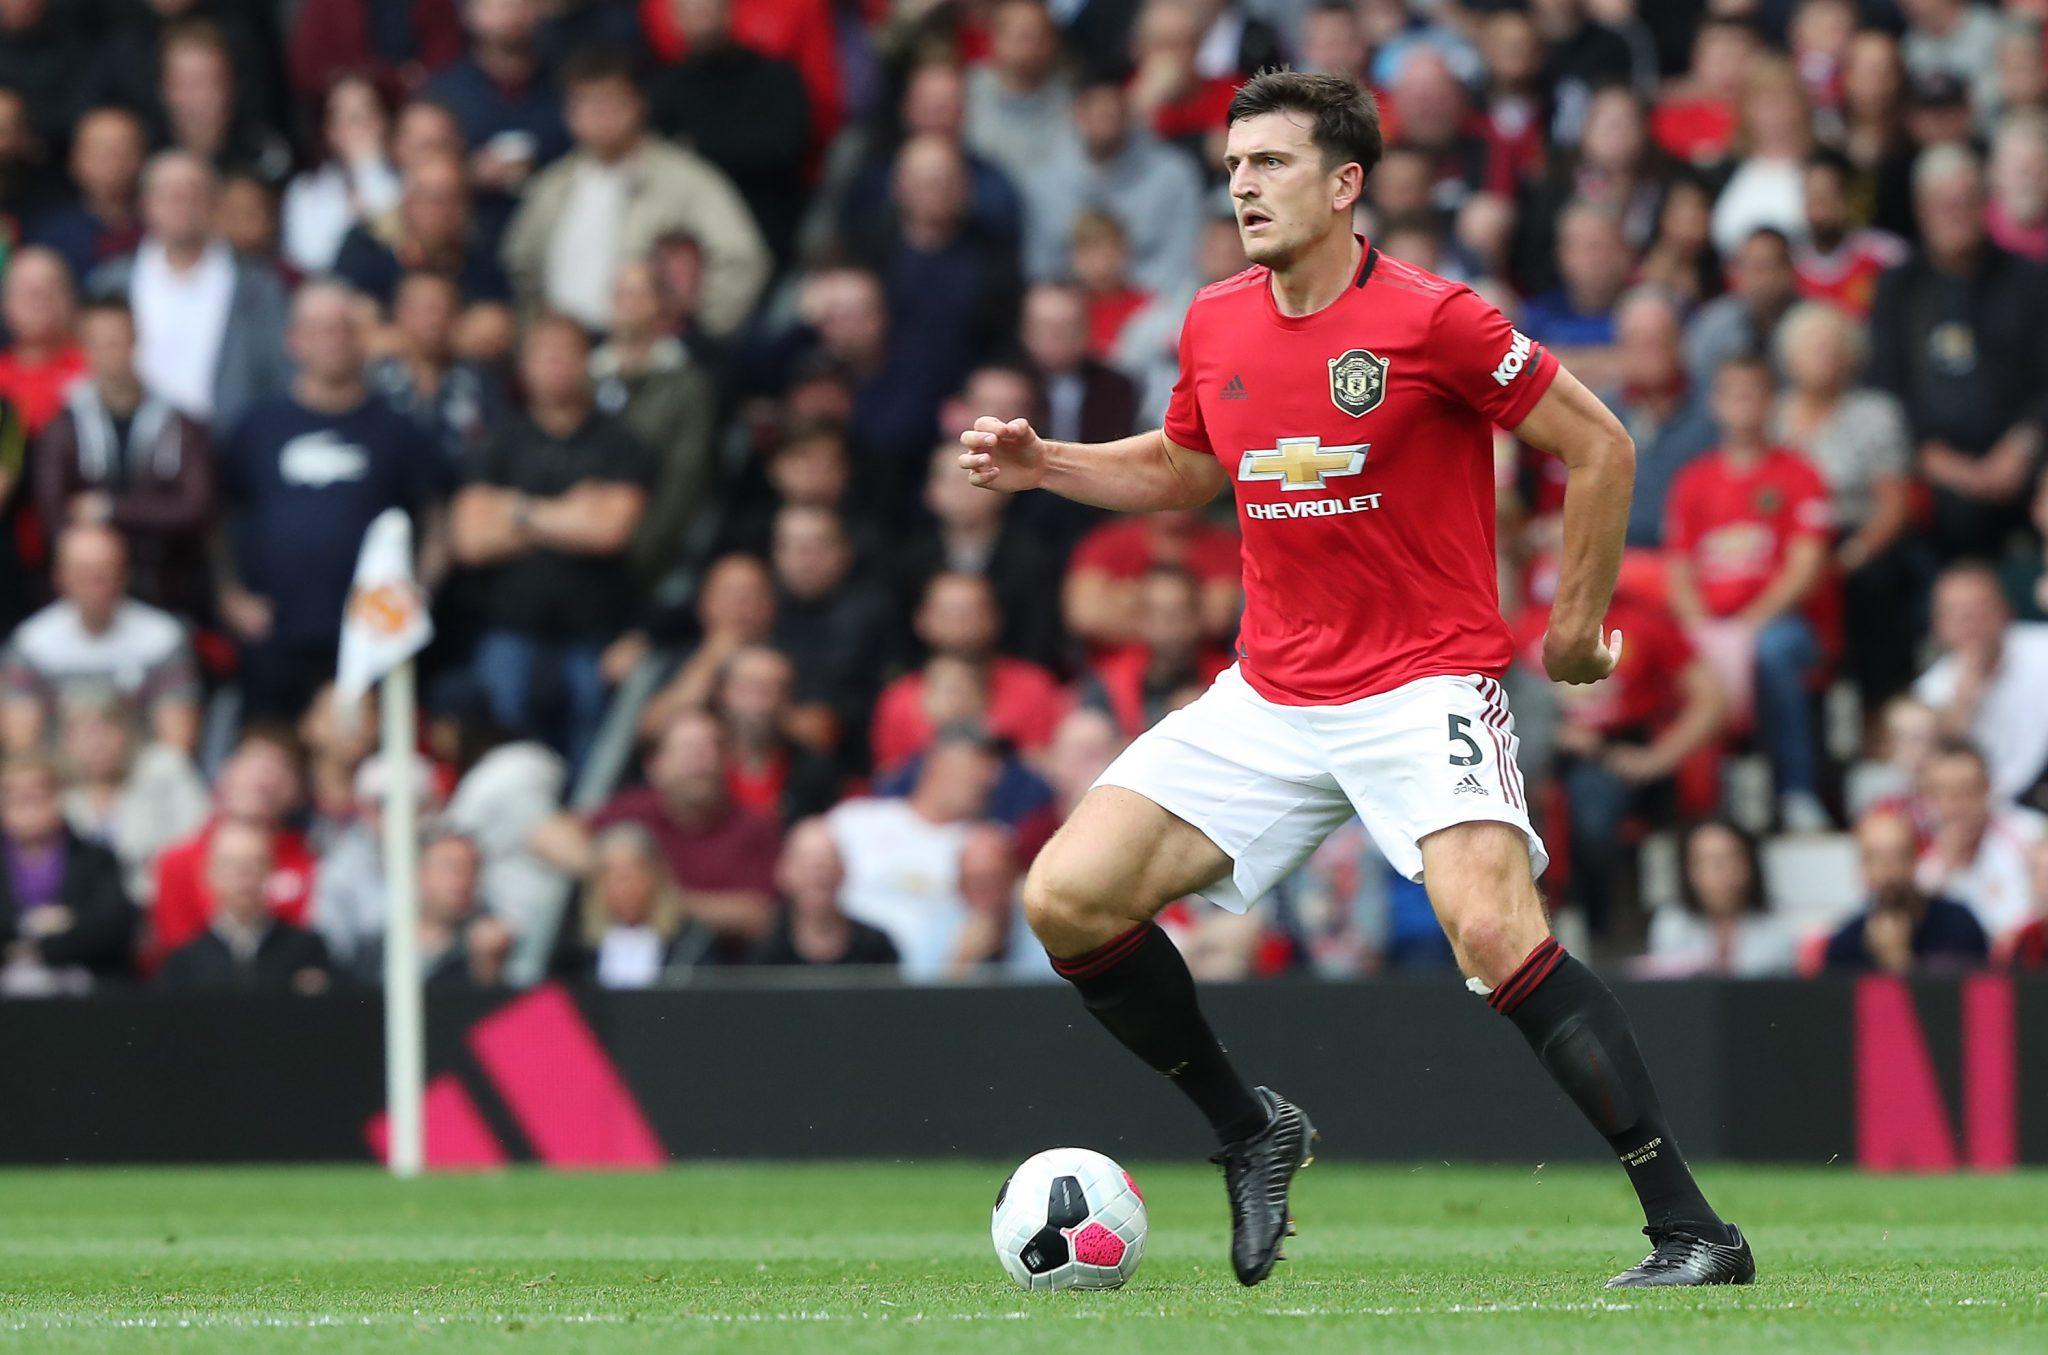 Perkenalan Apik Harry Maguire Berita Manchester United